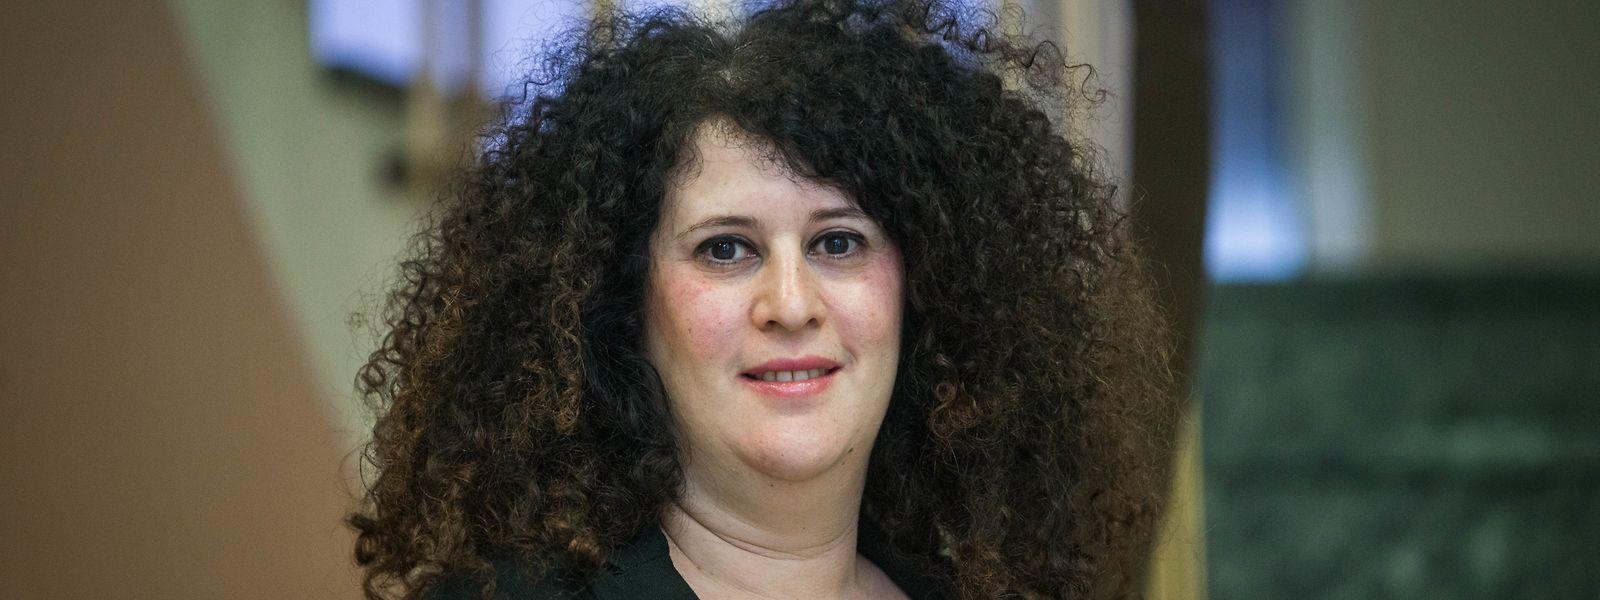 Von September 2019 bis März 2020 wird Laura Pregno im Differdinger Schöffenrat ersetzt.